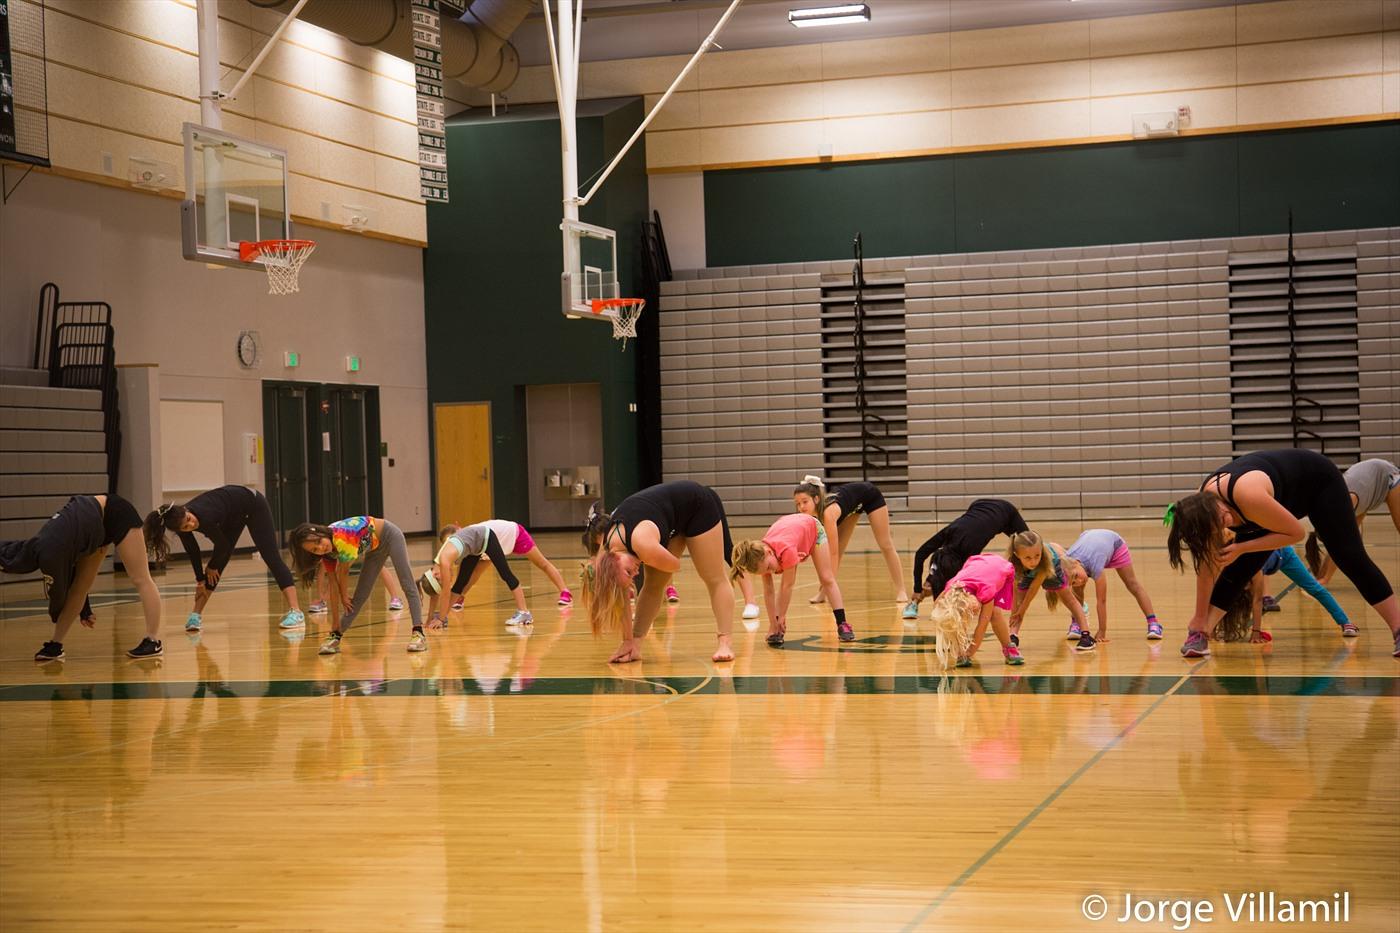 Skyline Dance Team Kids Camp (18 of 33) – Skyline Dance Team